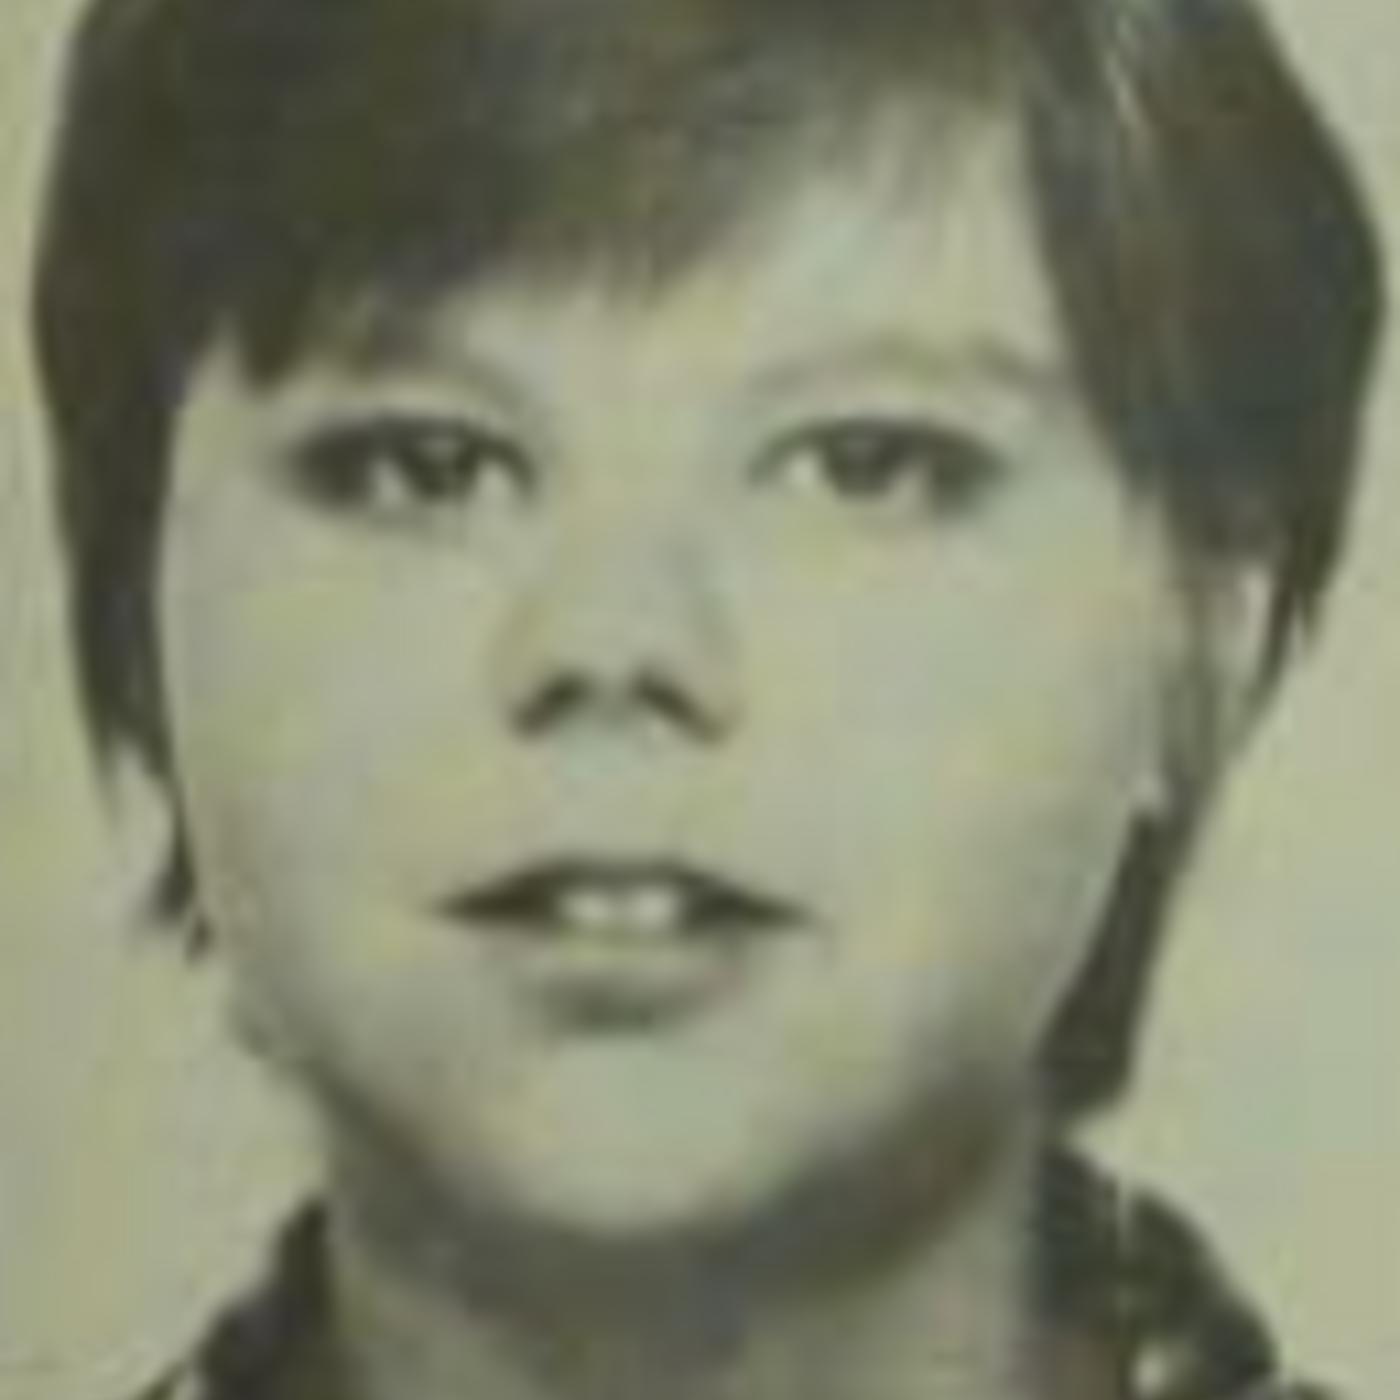 65: Maire Vepsäläinen